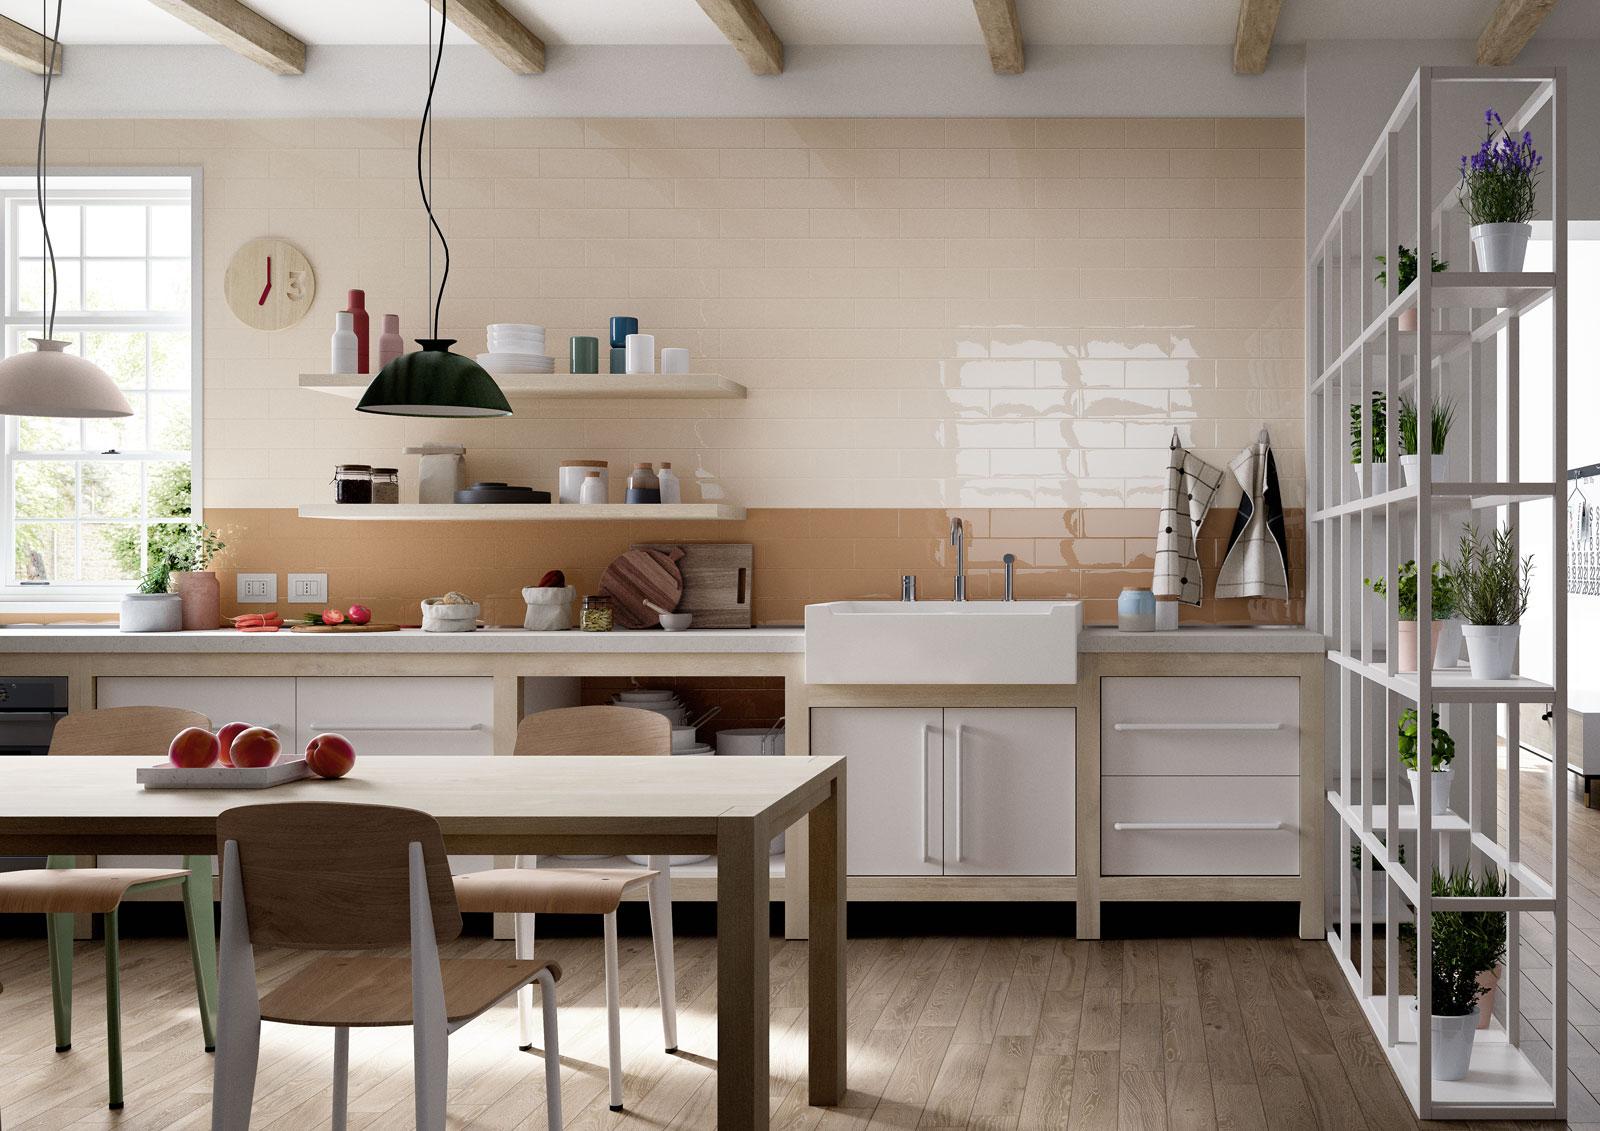 Carrelage cuisine des id es en c ramique et gr s marazzi for Carrelage ceramique cuisine